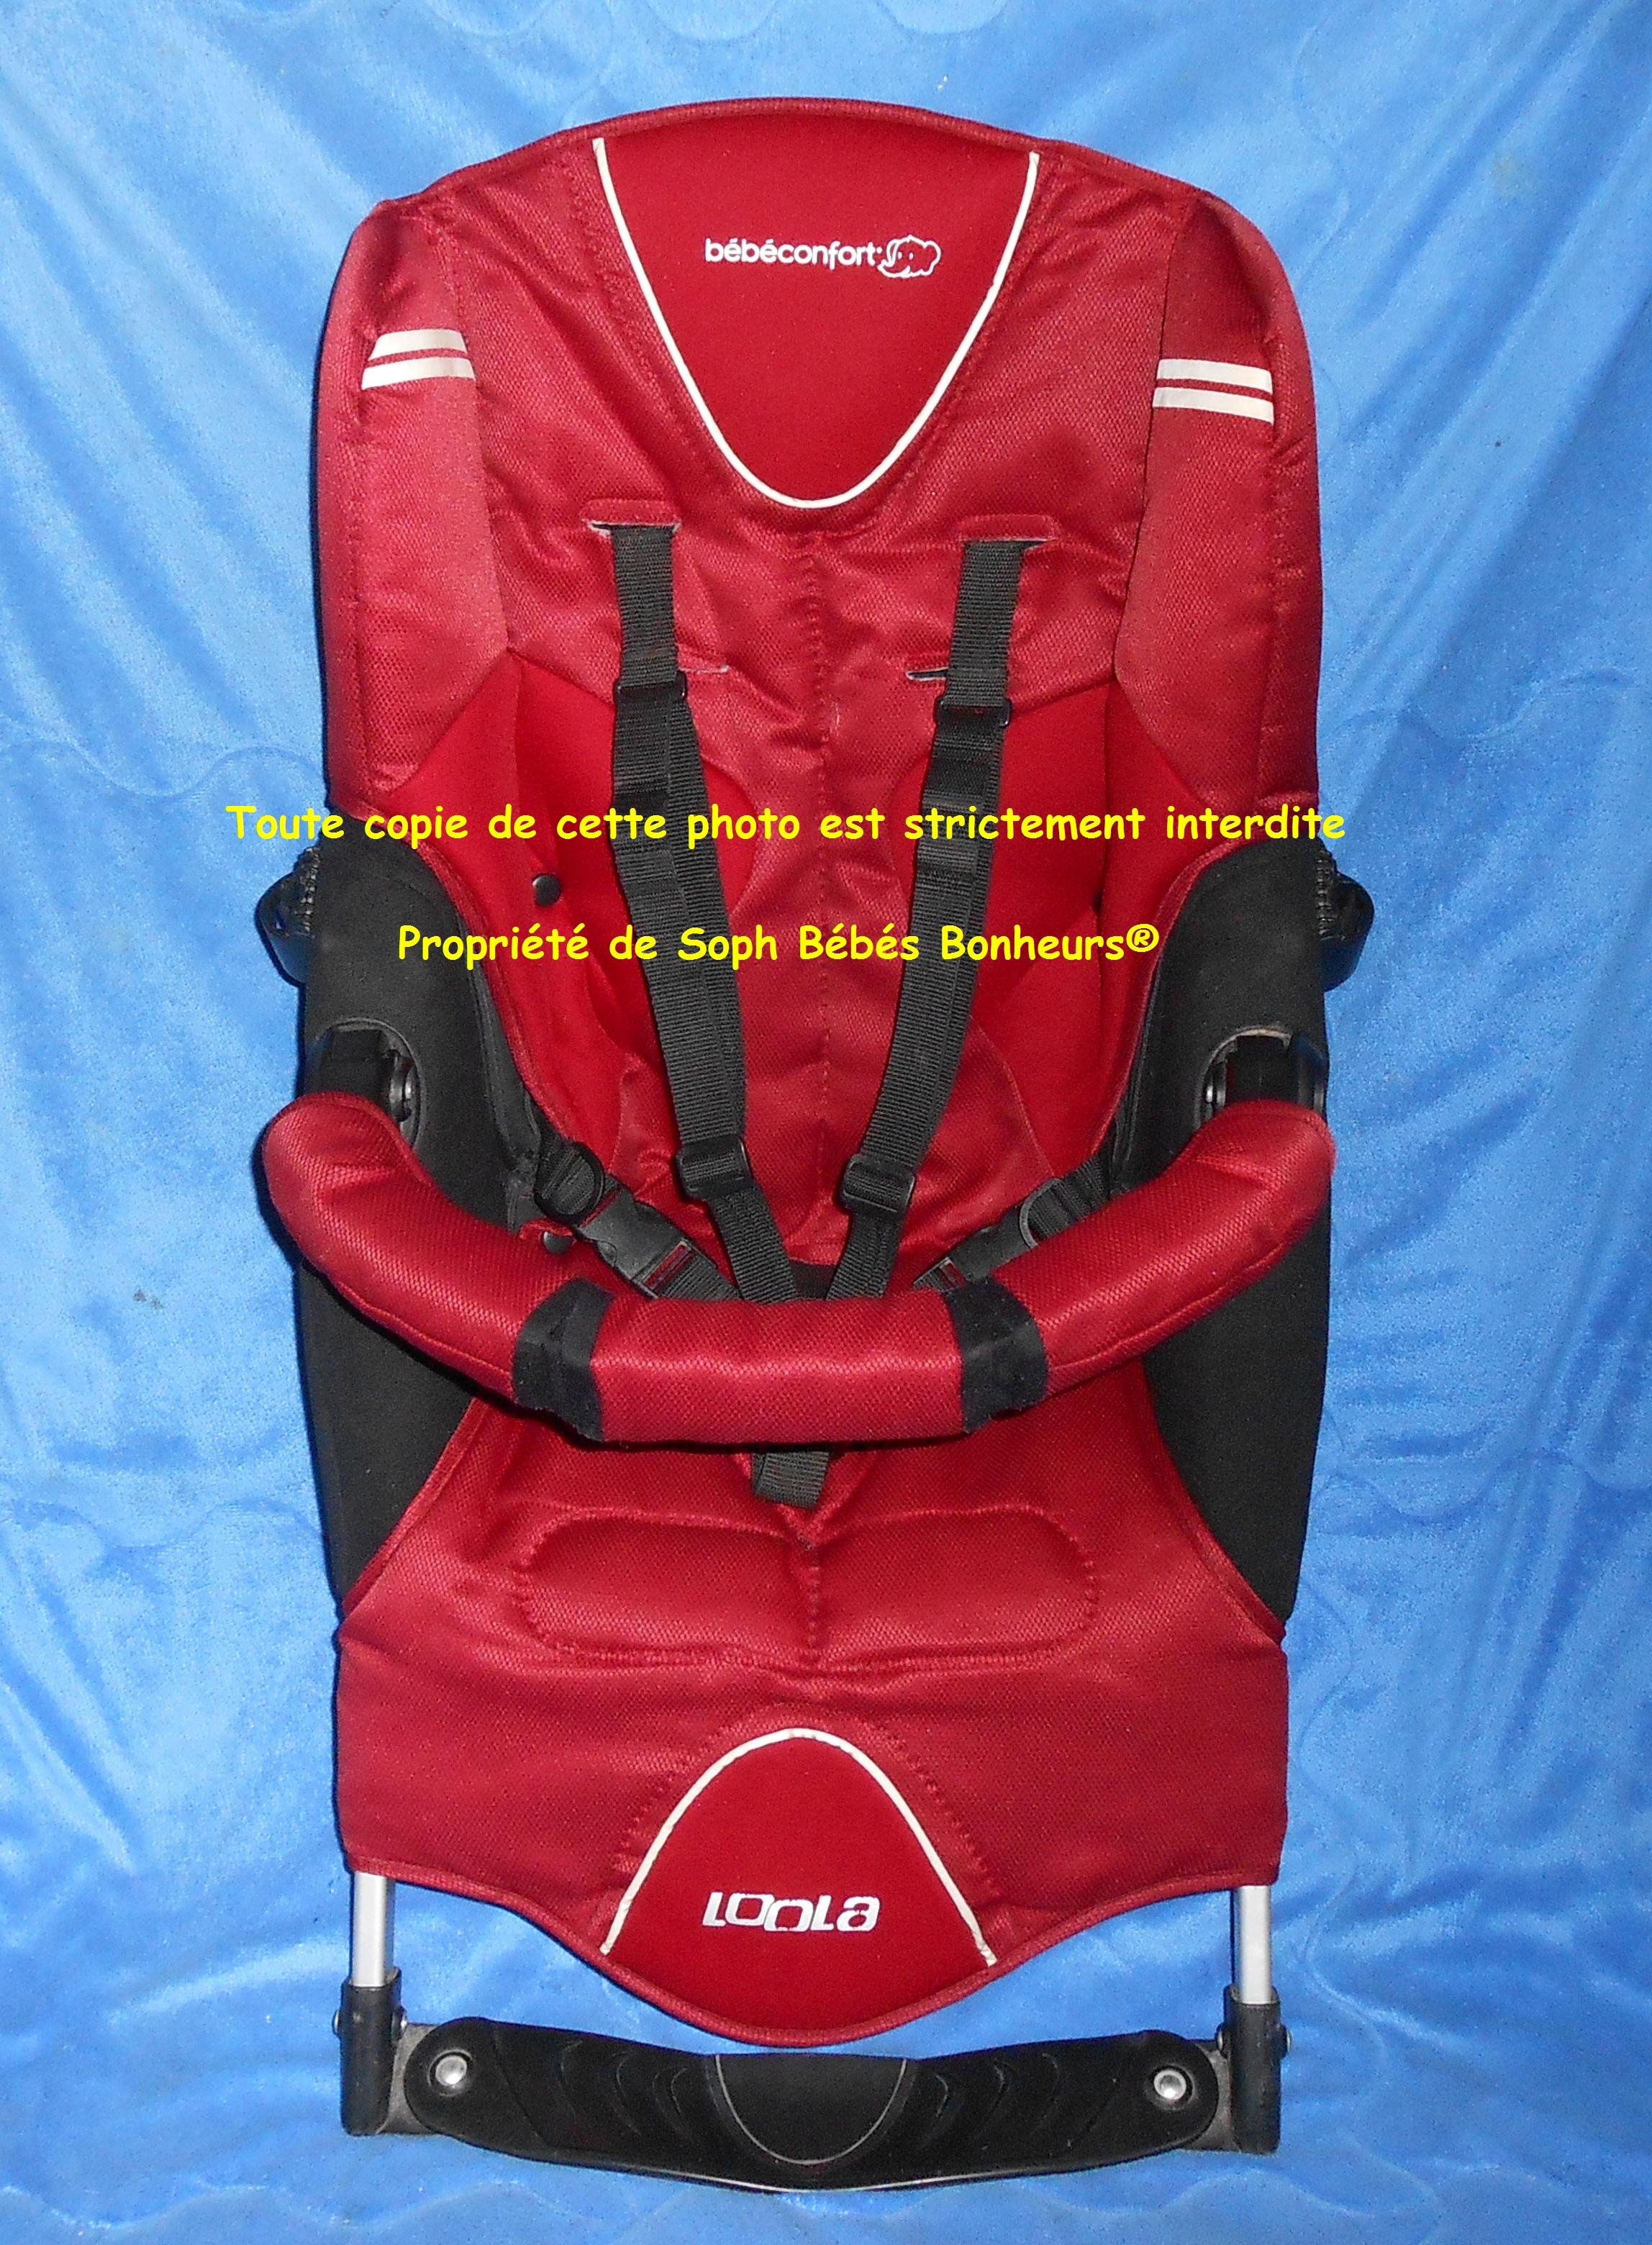 hamac loola pad oxygen red rouge loola up high trek trophy ebay. Black Bedroom Furniture Sets. Home Design Ideas